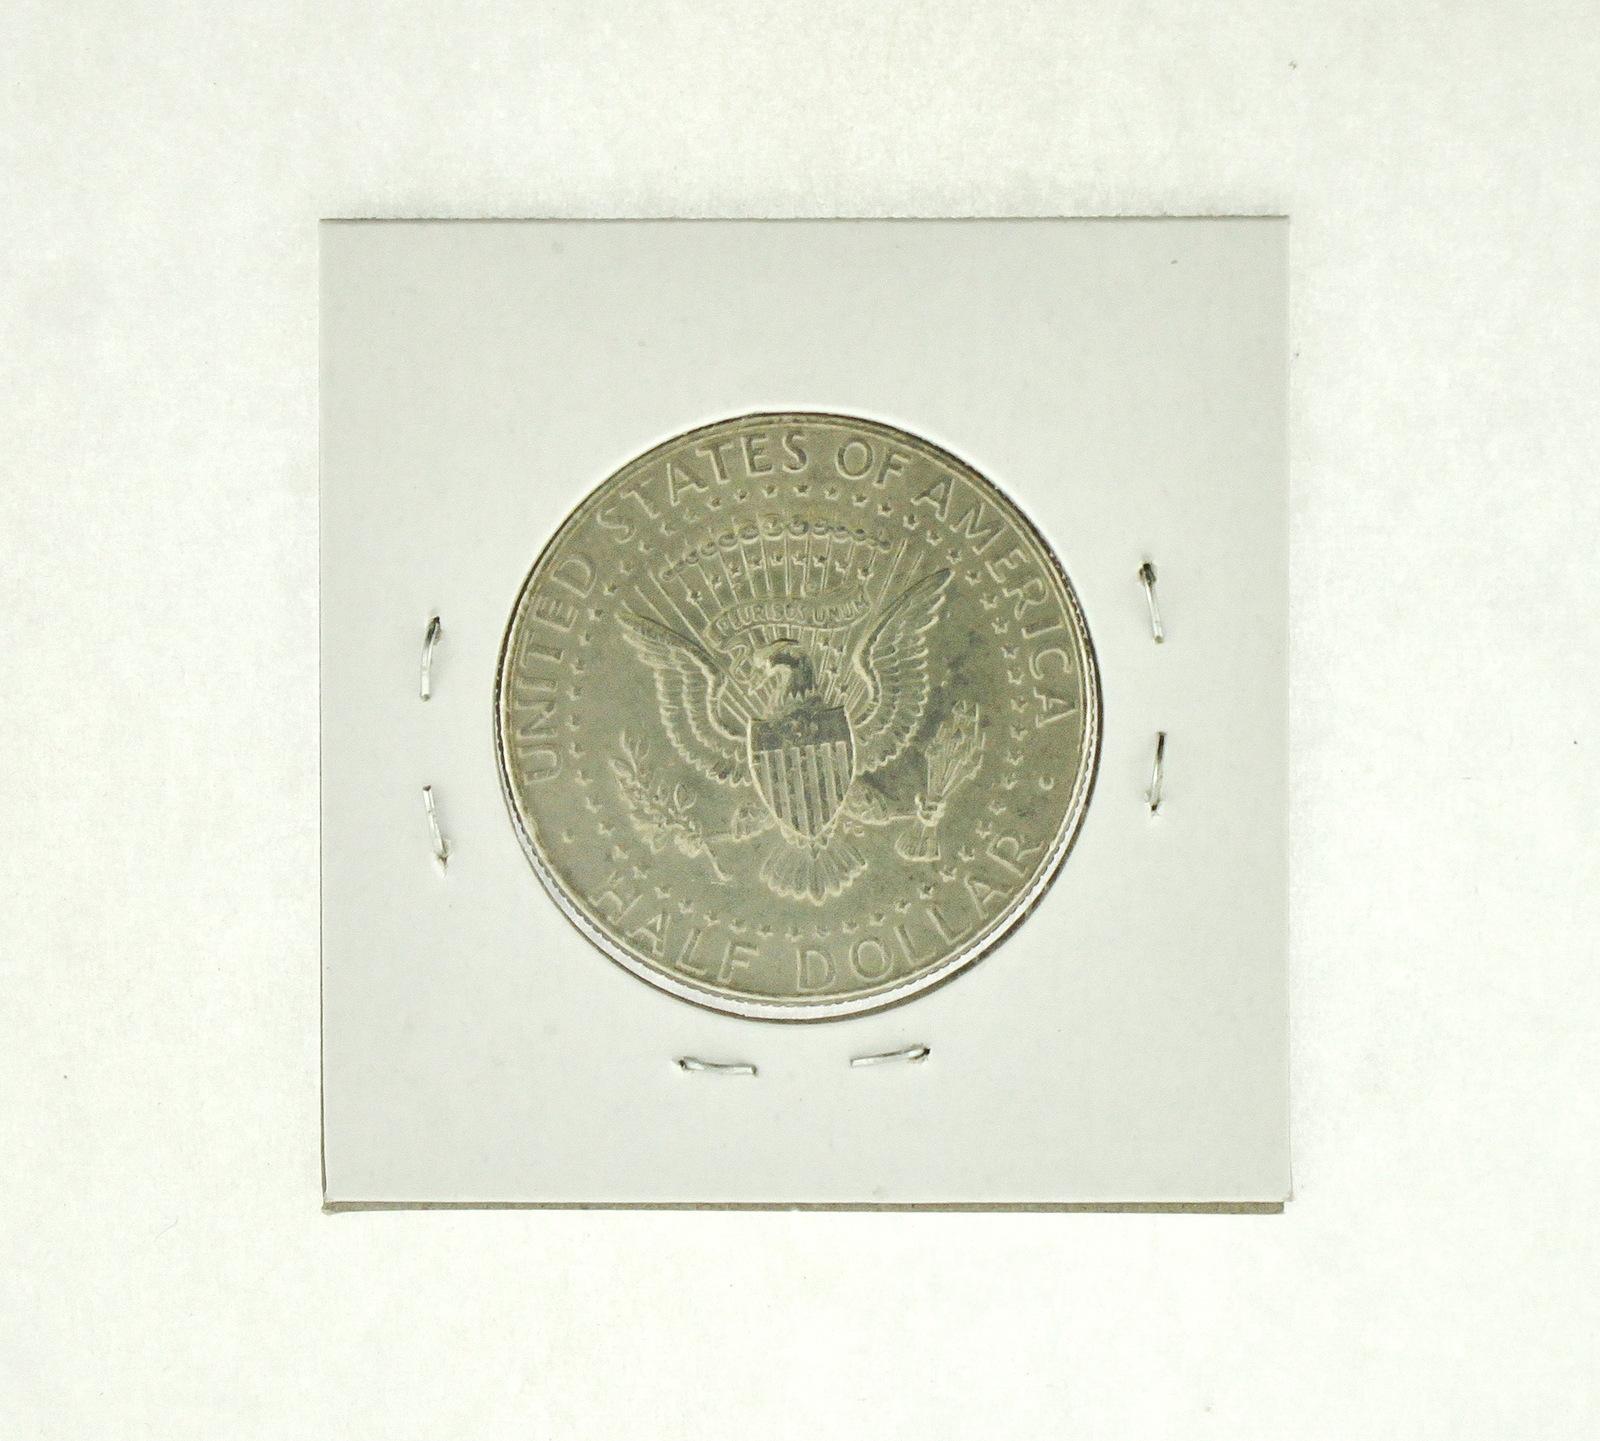 2001-D Kennedy Half Dollar (F) Fine N2-4032-1